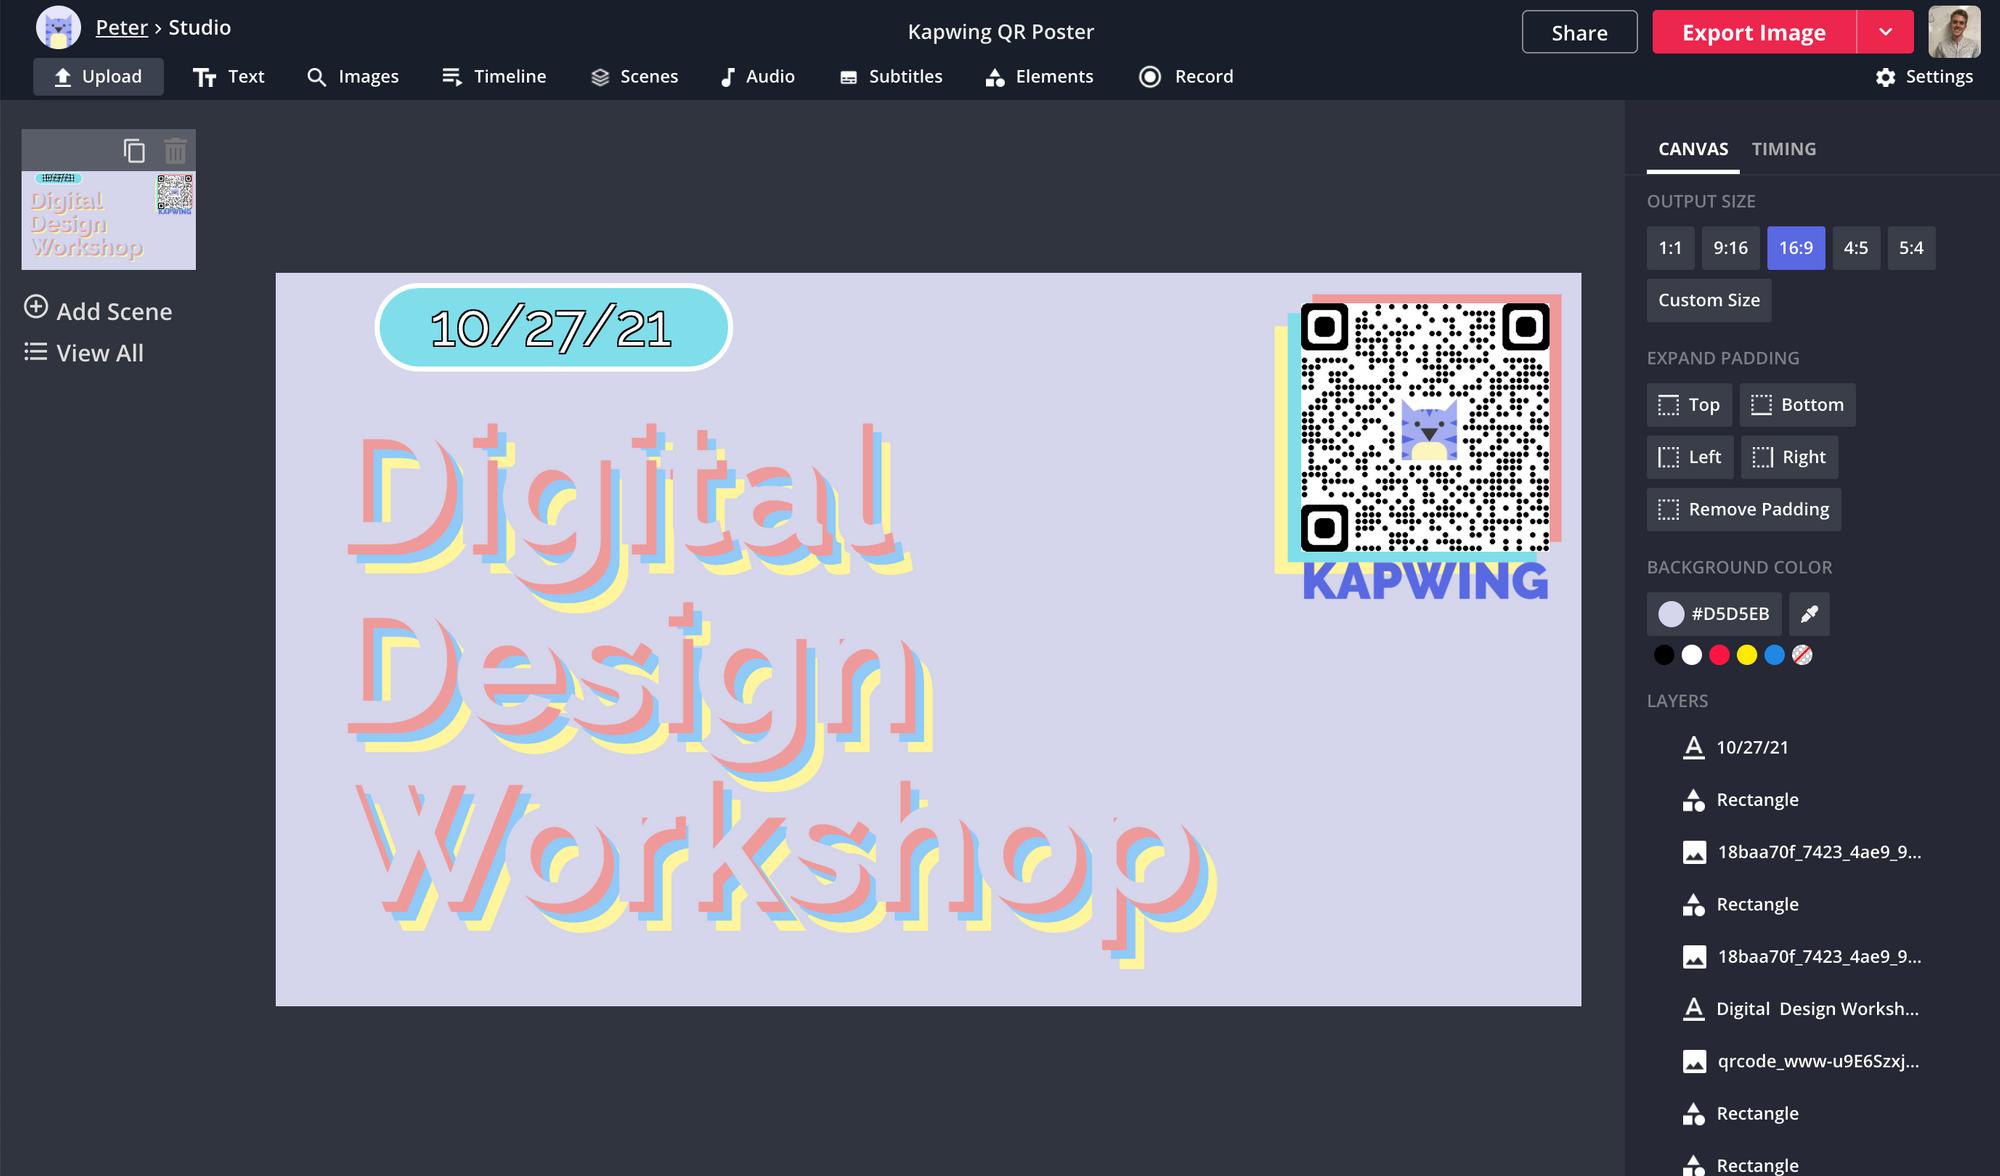 Ein Screenshot eines QR-Codes, der angepasst und an ein Poster im Kapwing Studio angehängt wird.